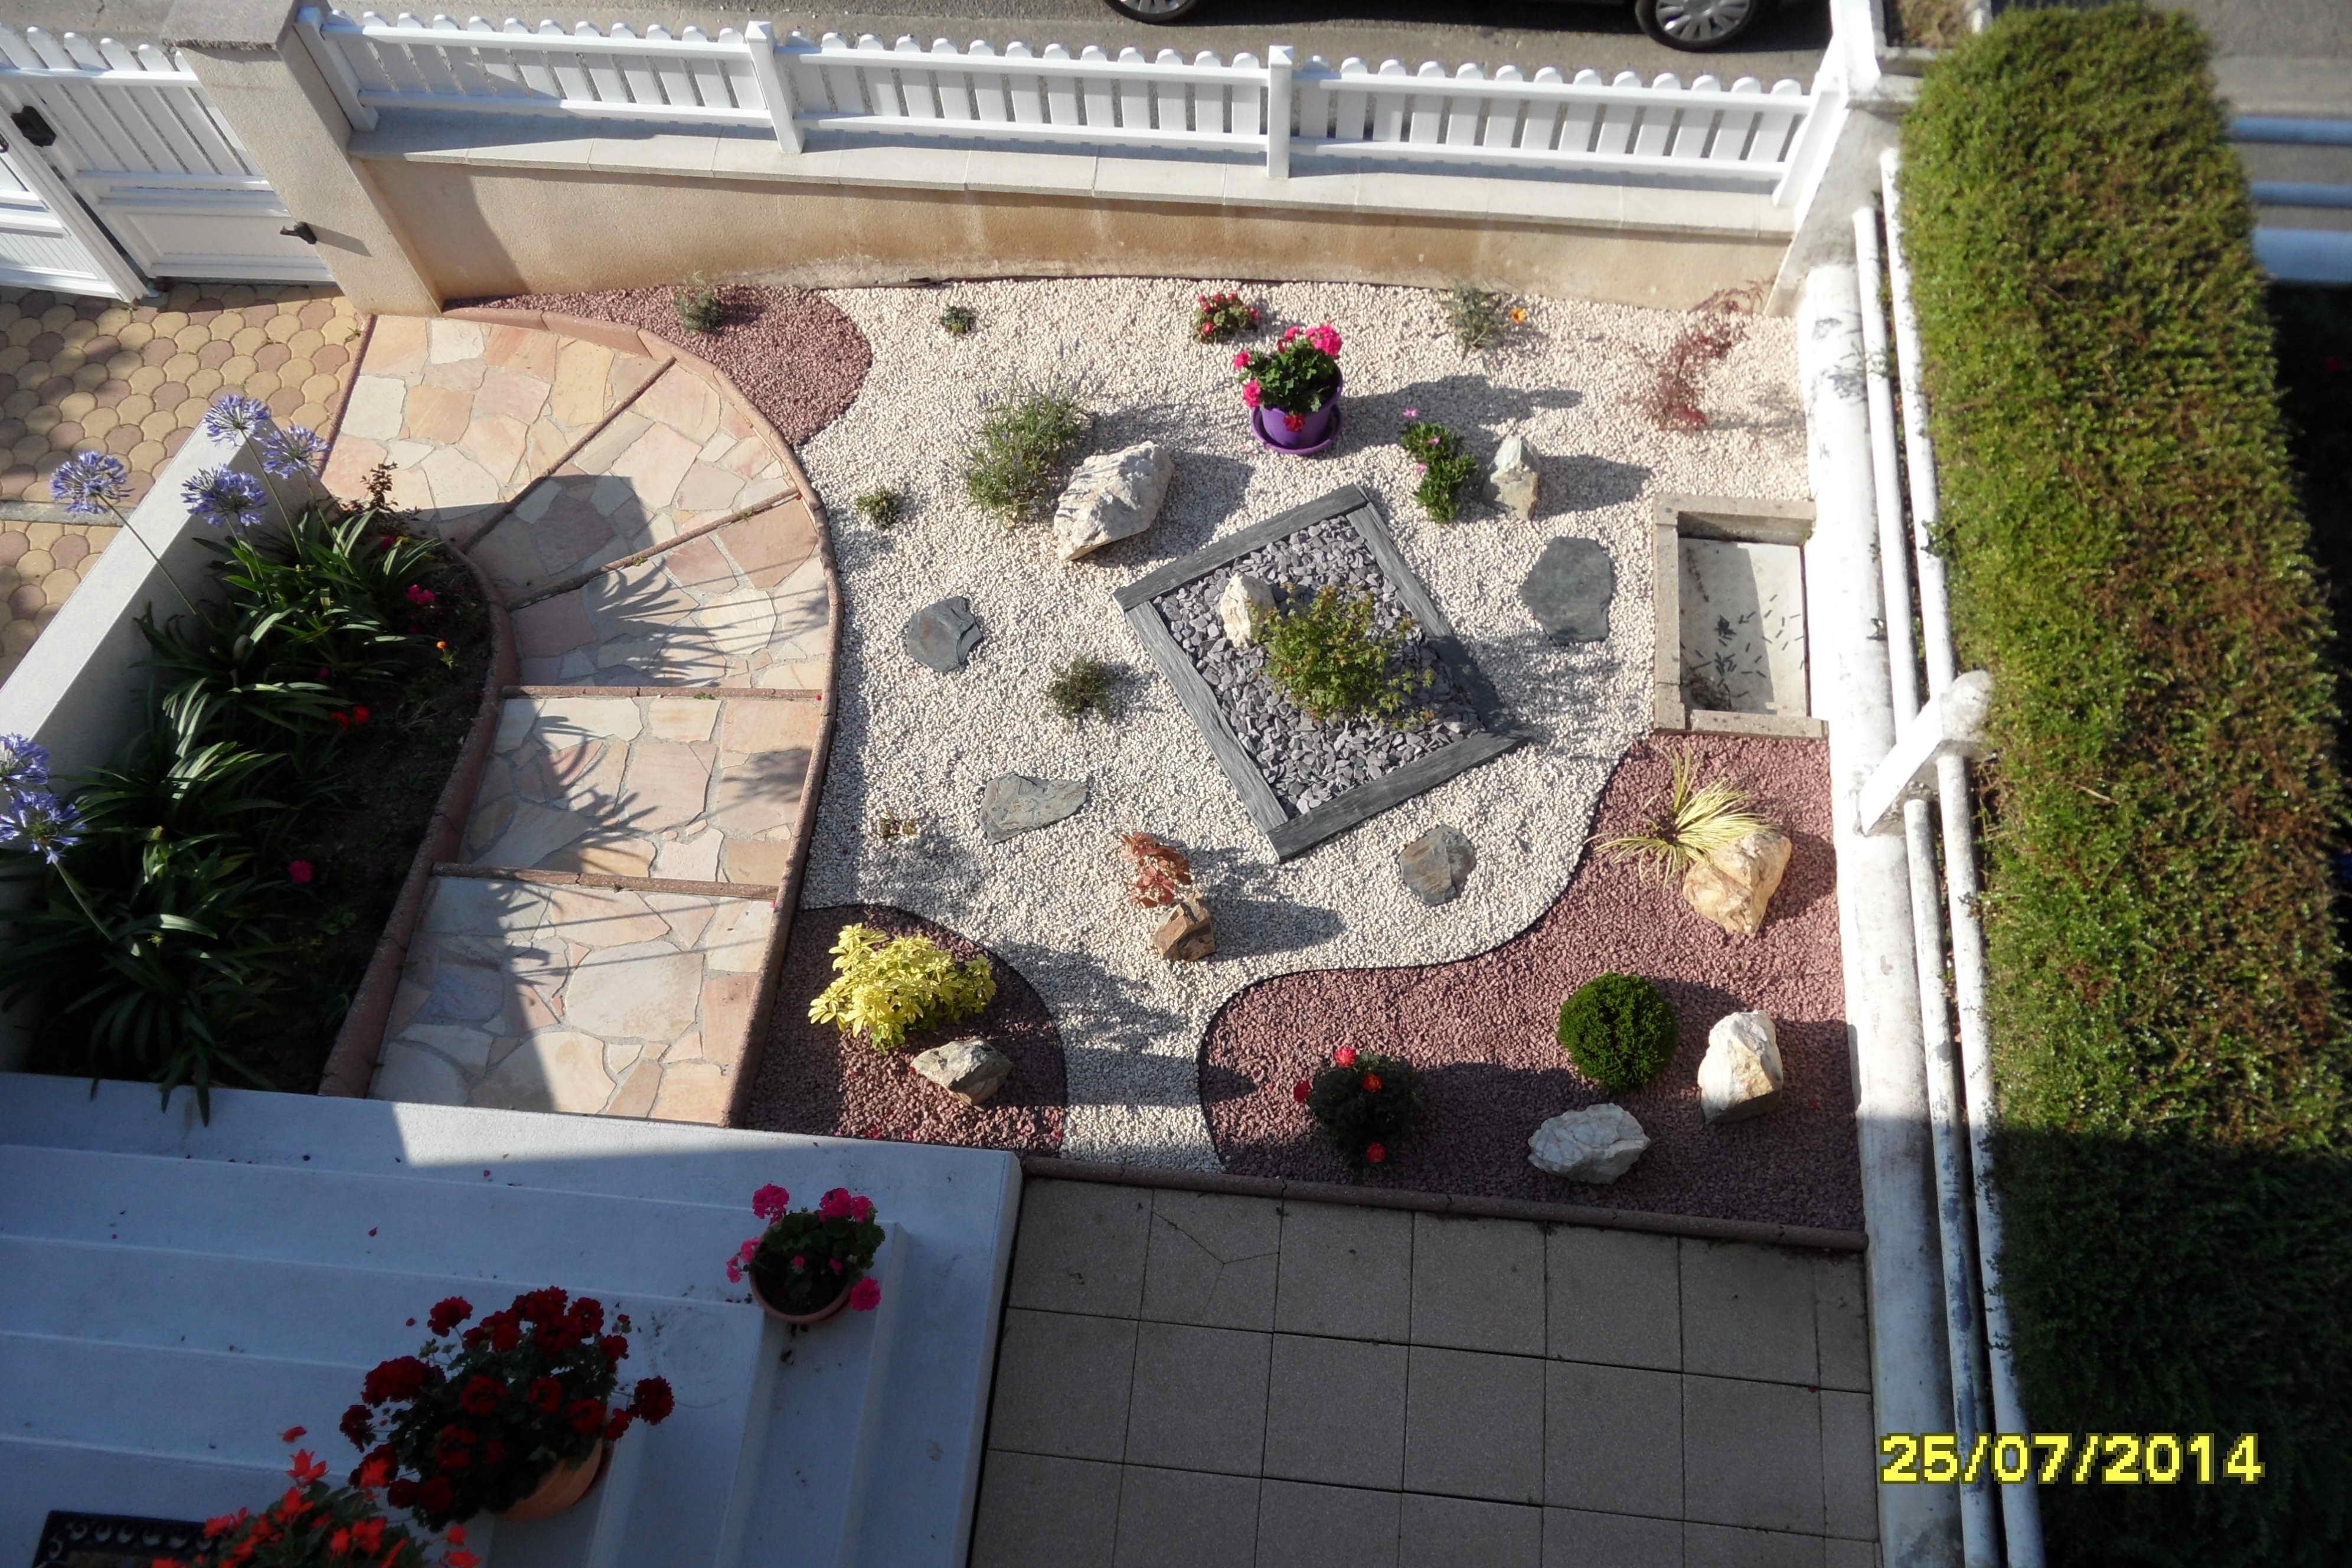 bordure bordure de jardin tcourb meilleures id es pour. Black Bedroom Furniture Sets. Home Design Ideas